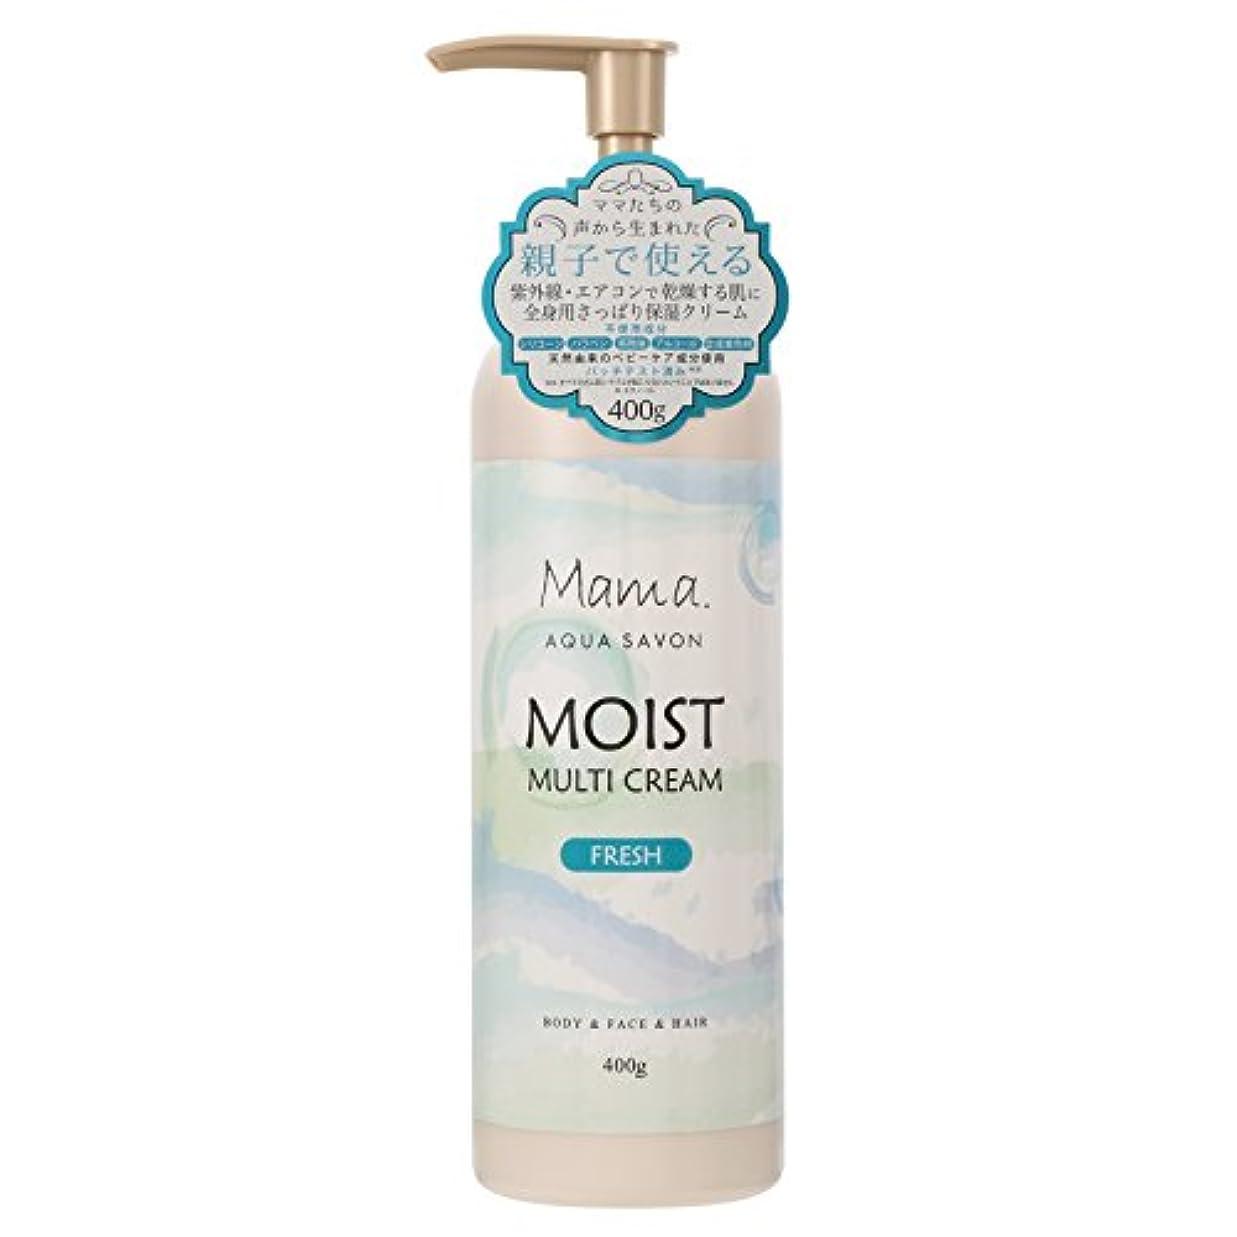 特にペイン銛ママアクアシャボン モイストマルチクリーム フレッシュ グリーンアロマウォーターの香り 400g